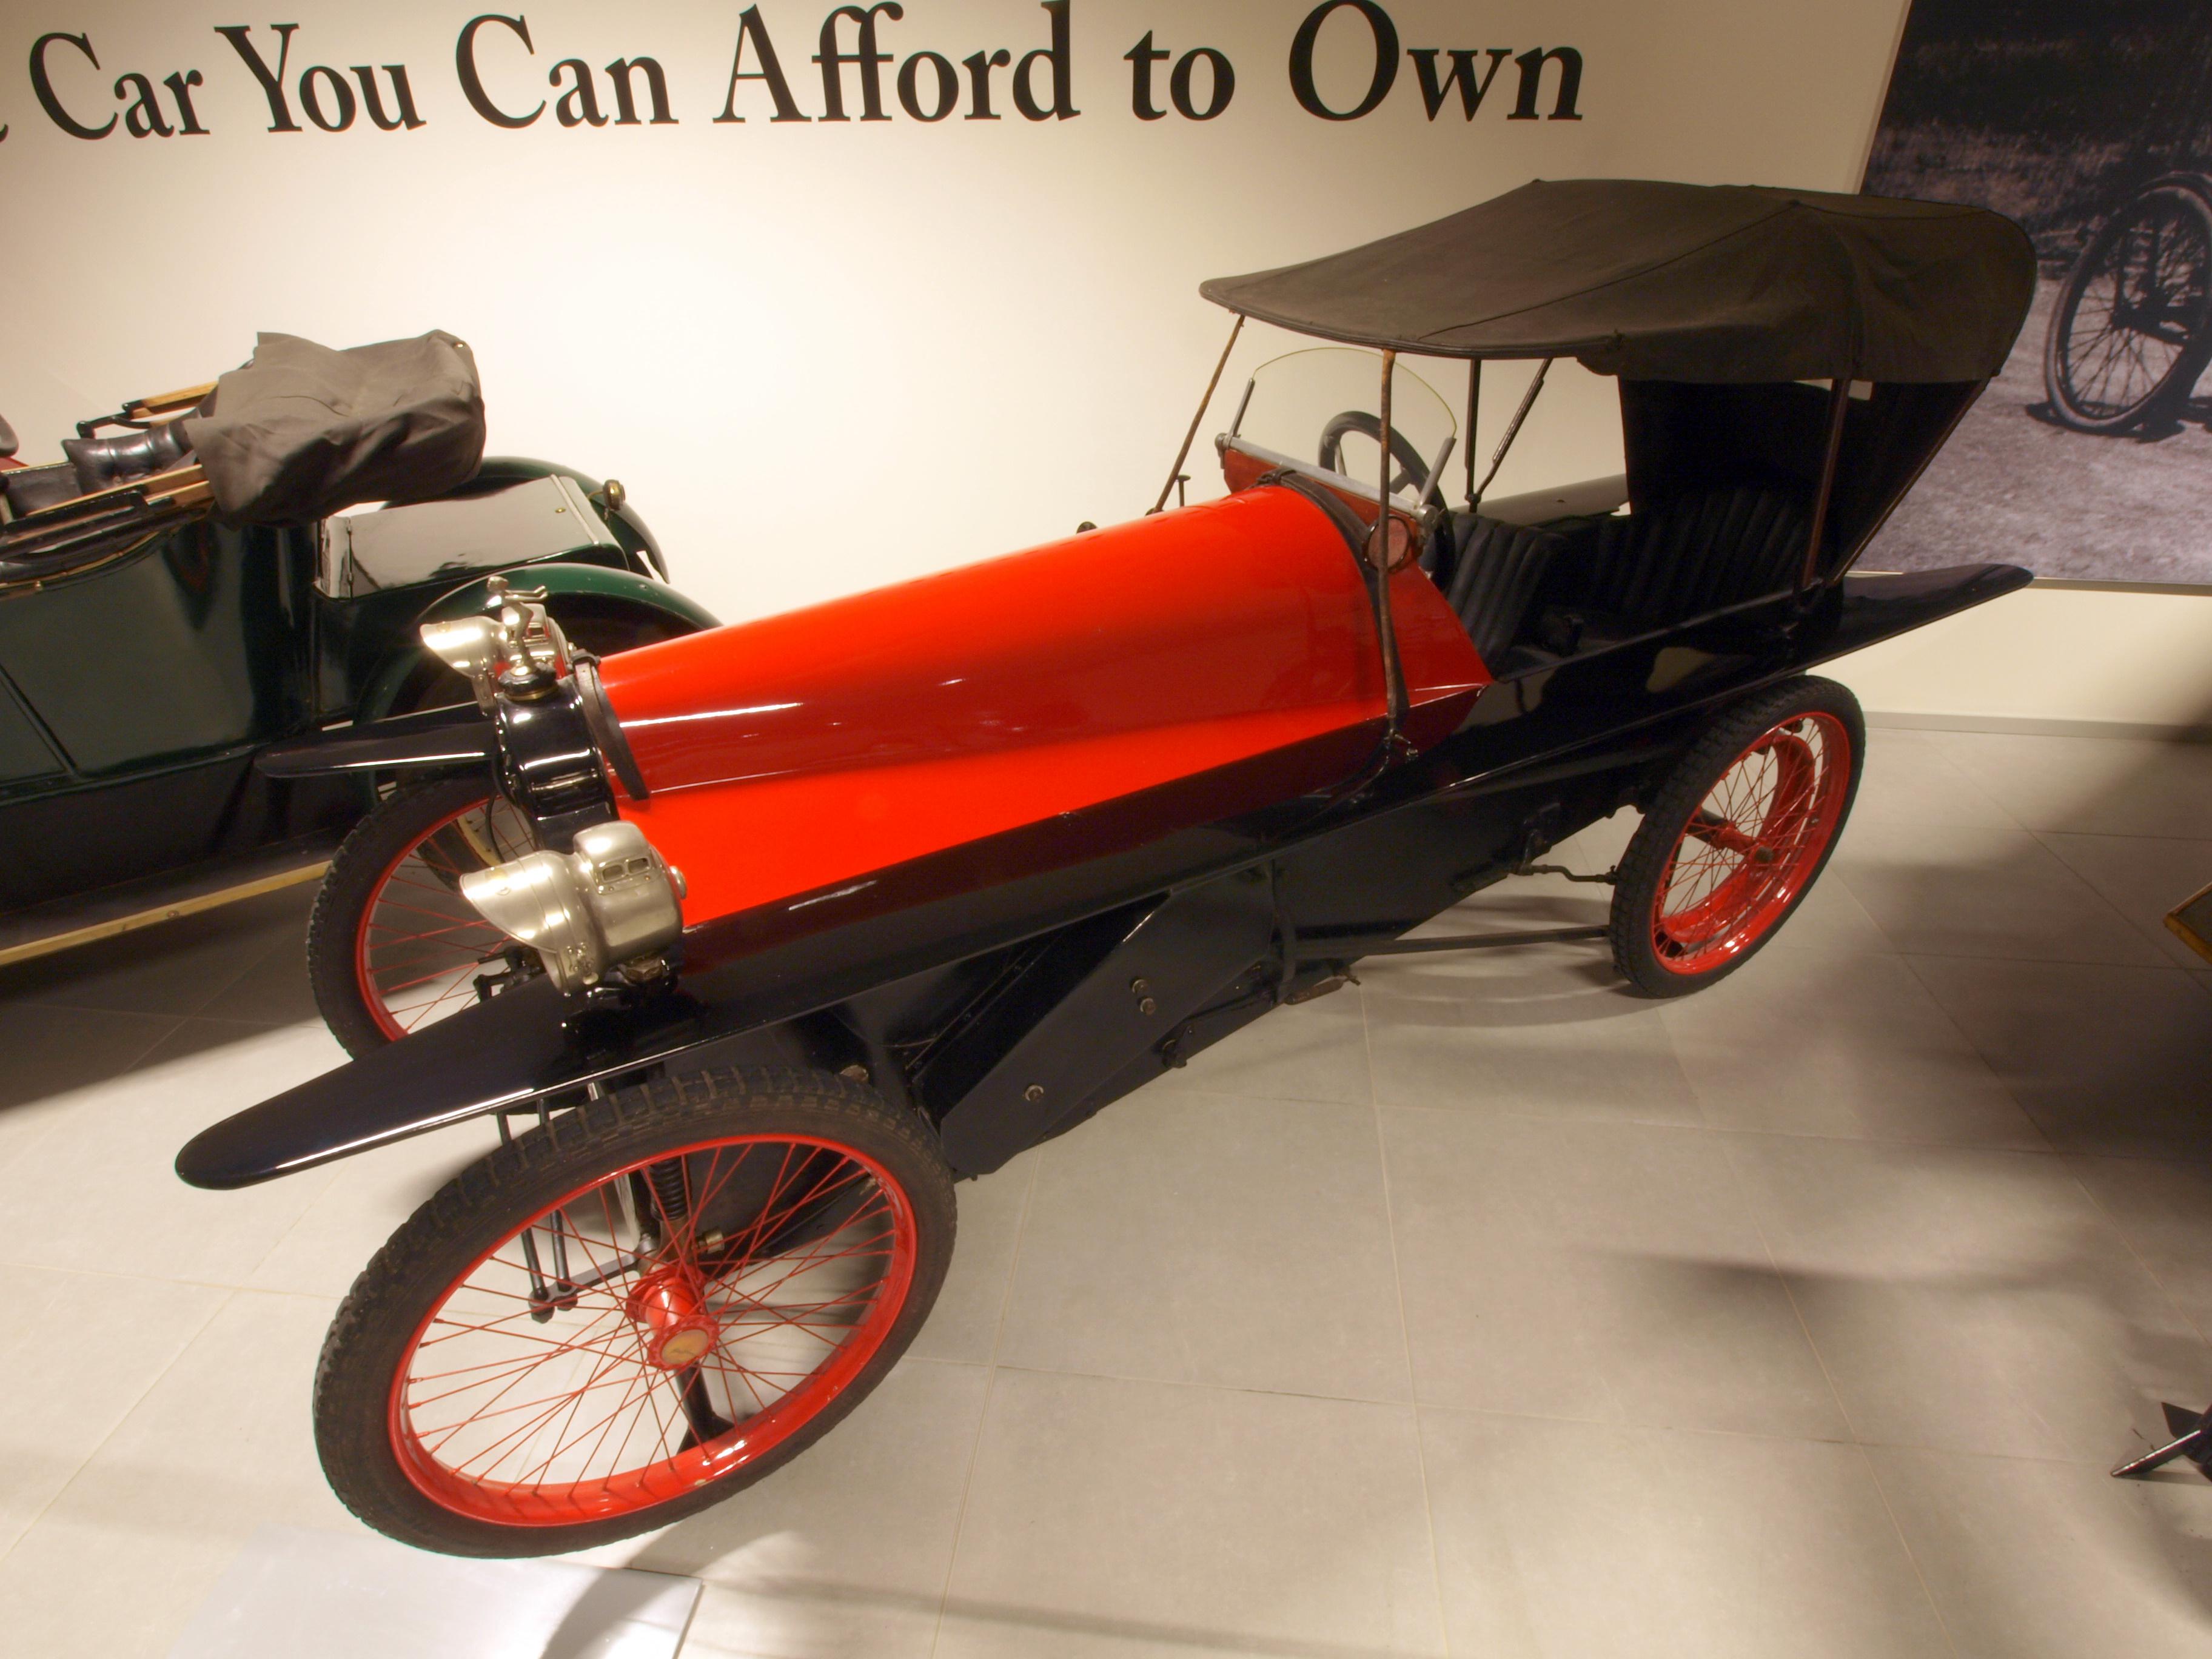 1921_Tamplin_Cycle-Car